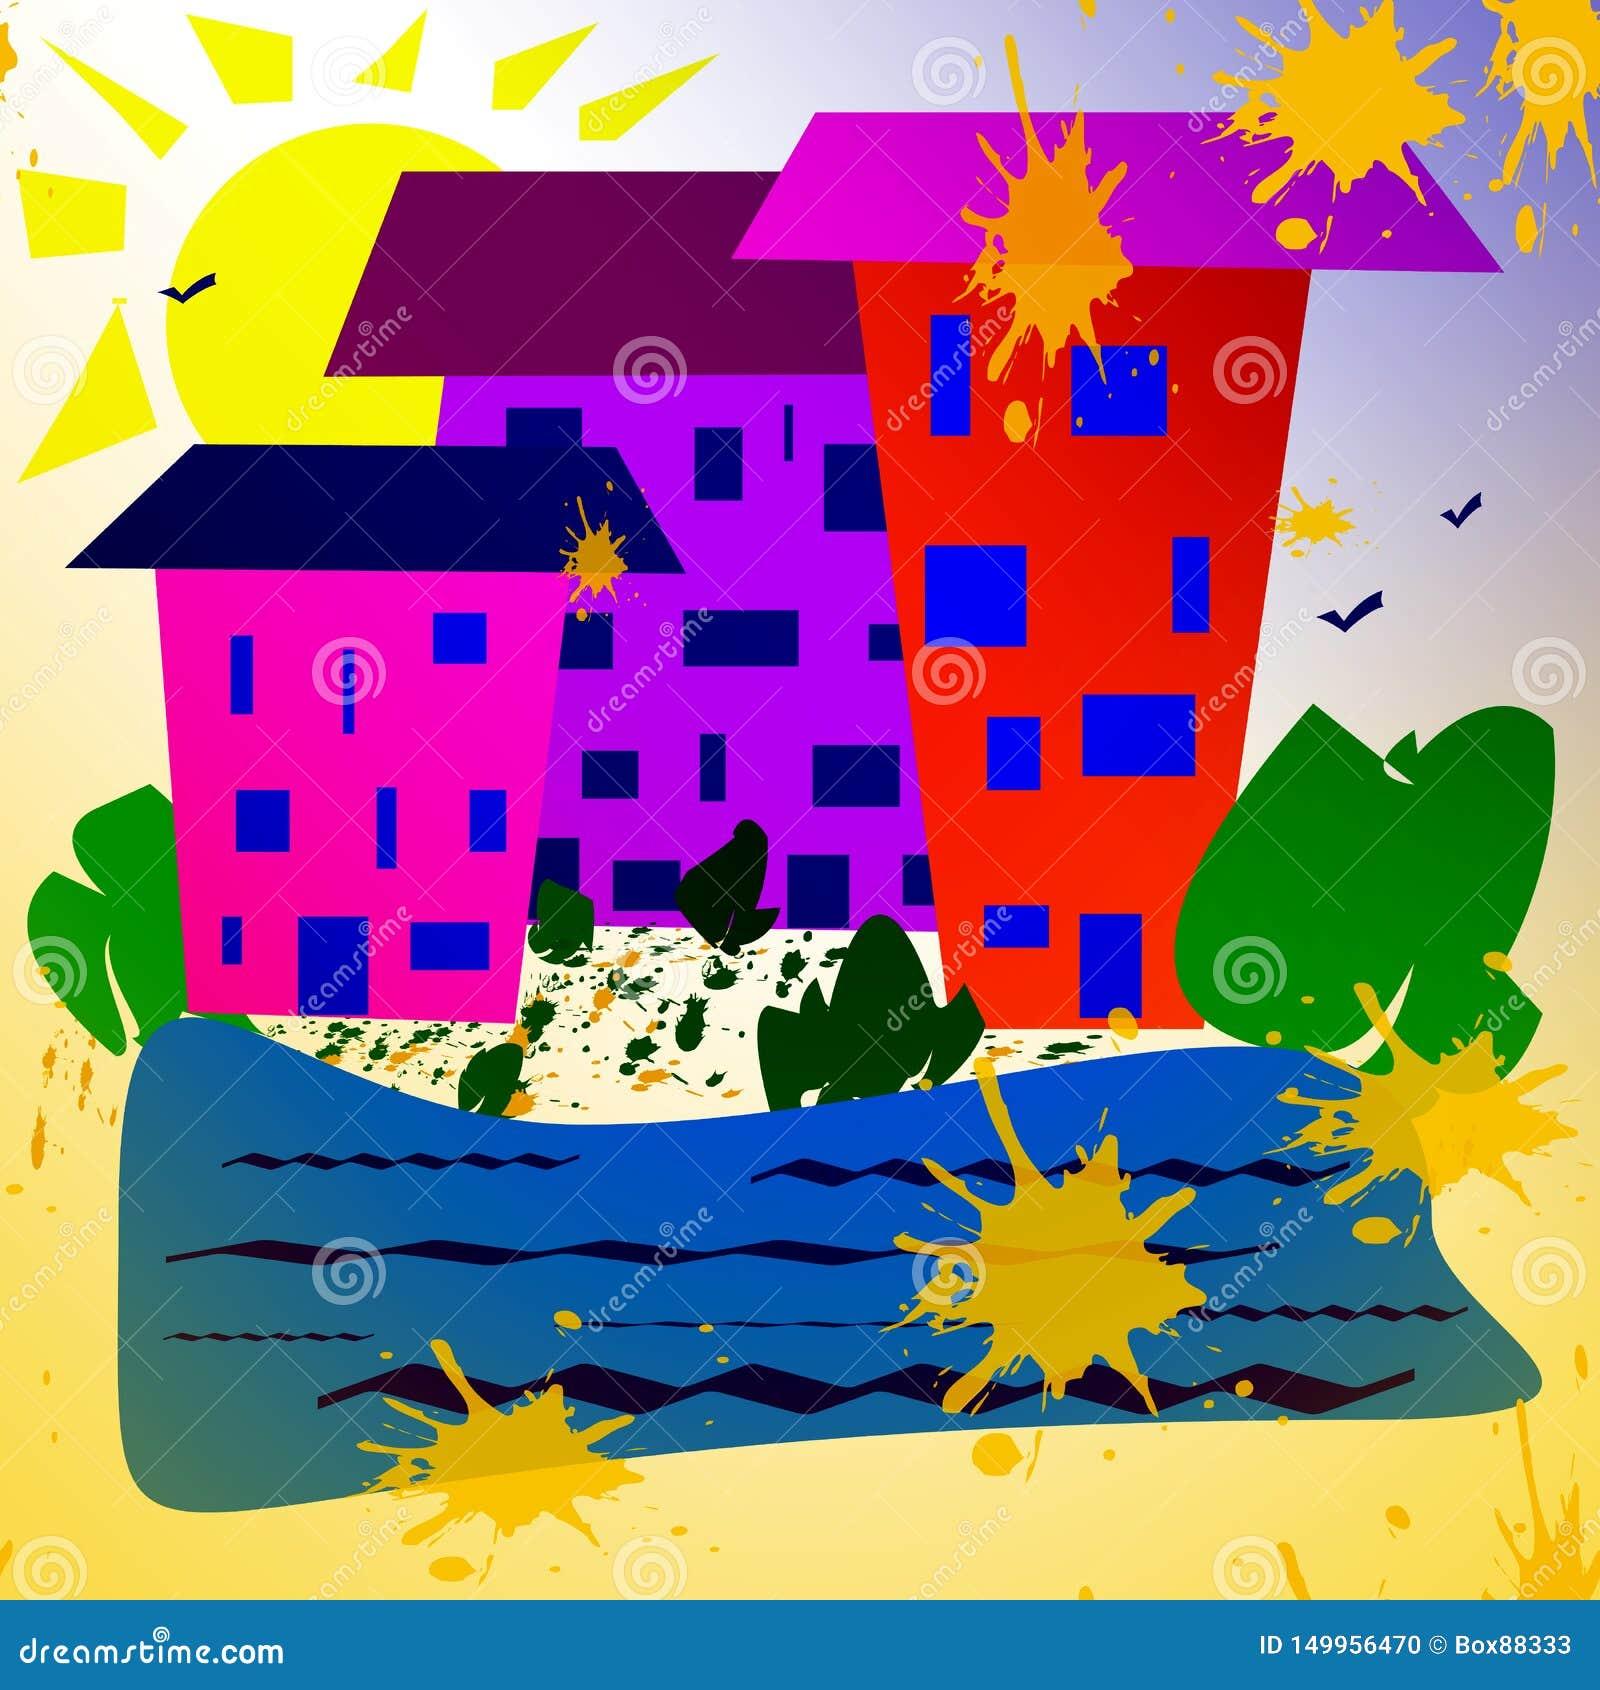 Imagen simple abstracta Día soleado, casas cerca de un depósito, plantas